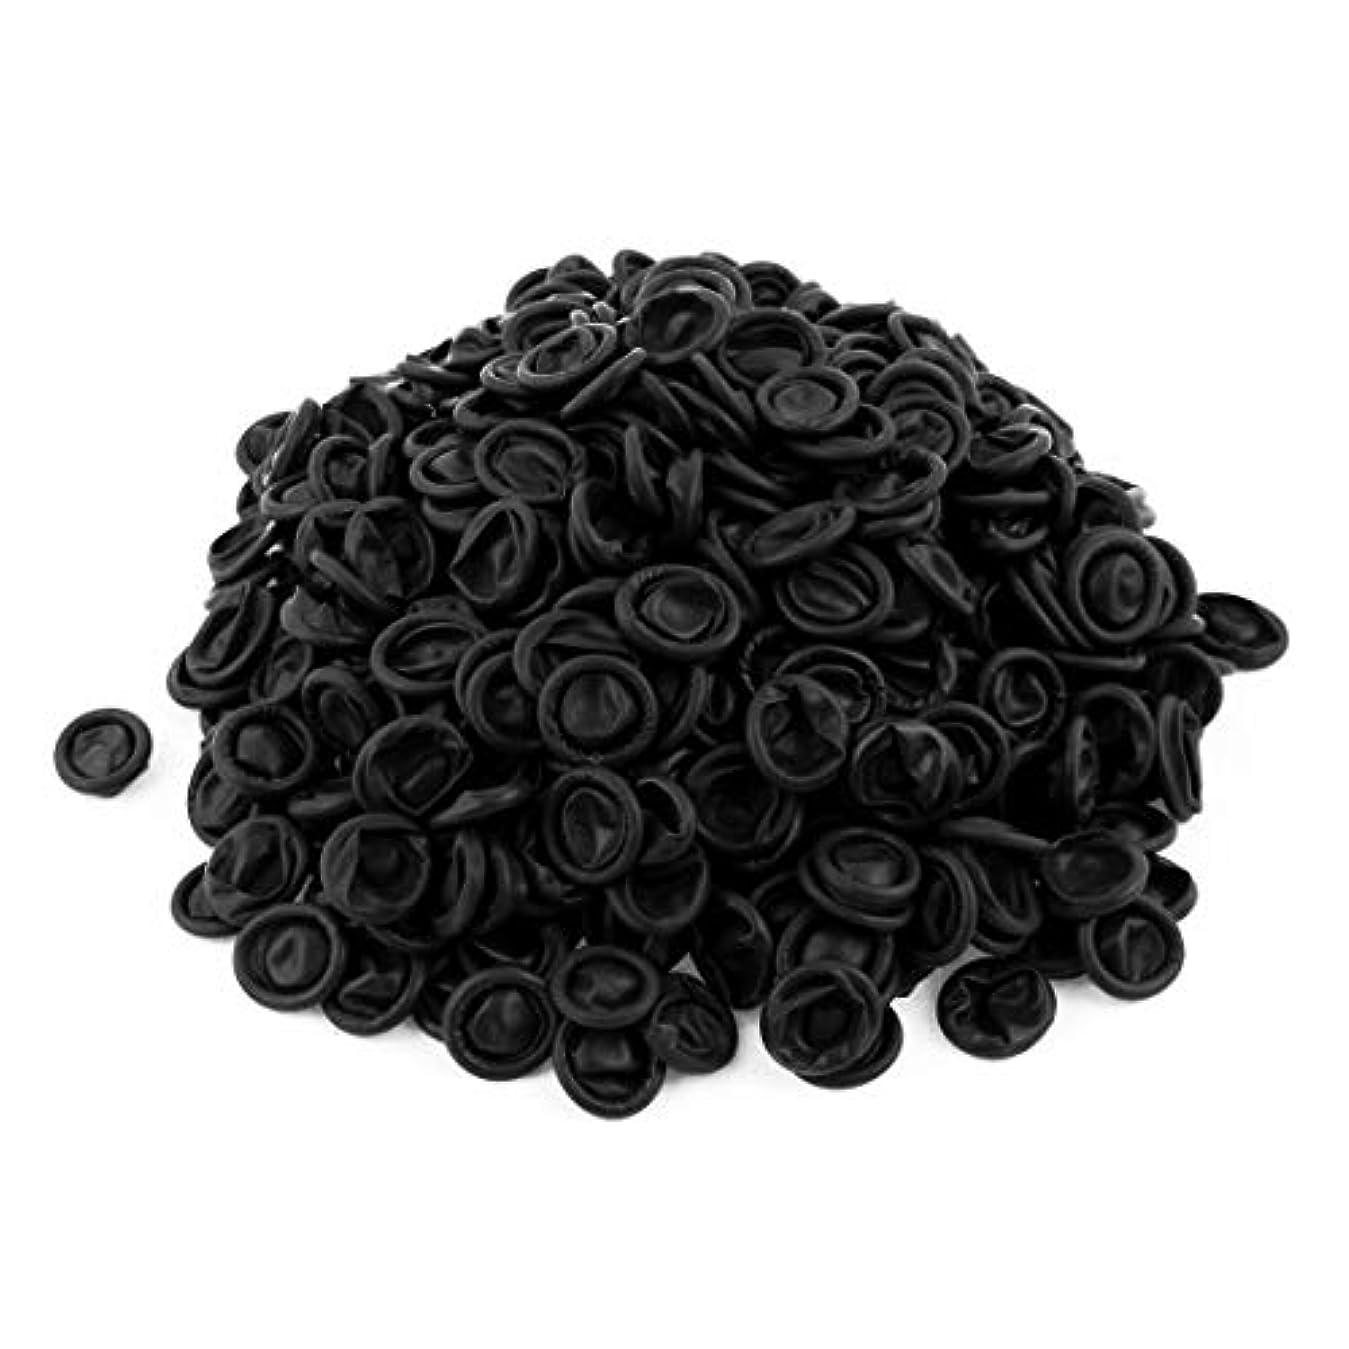 黒大きい散文500個入り 手袋 使い捨て手袋 指プロテクター ラバー材質 指サック